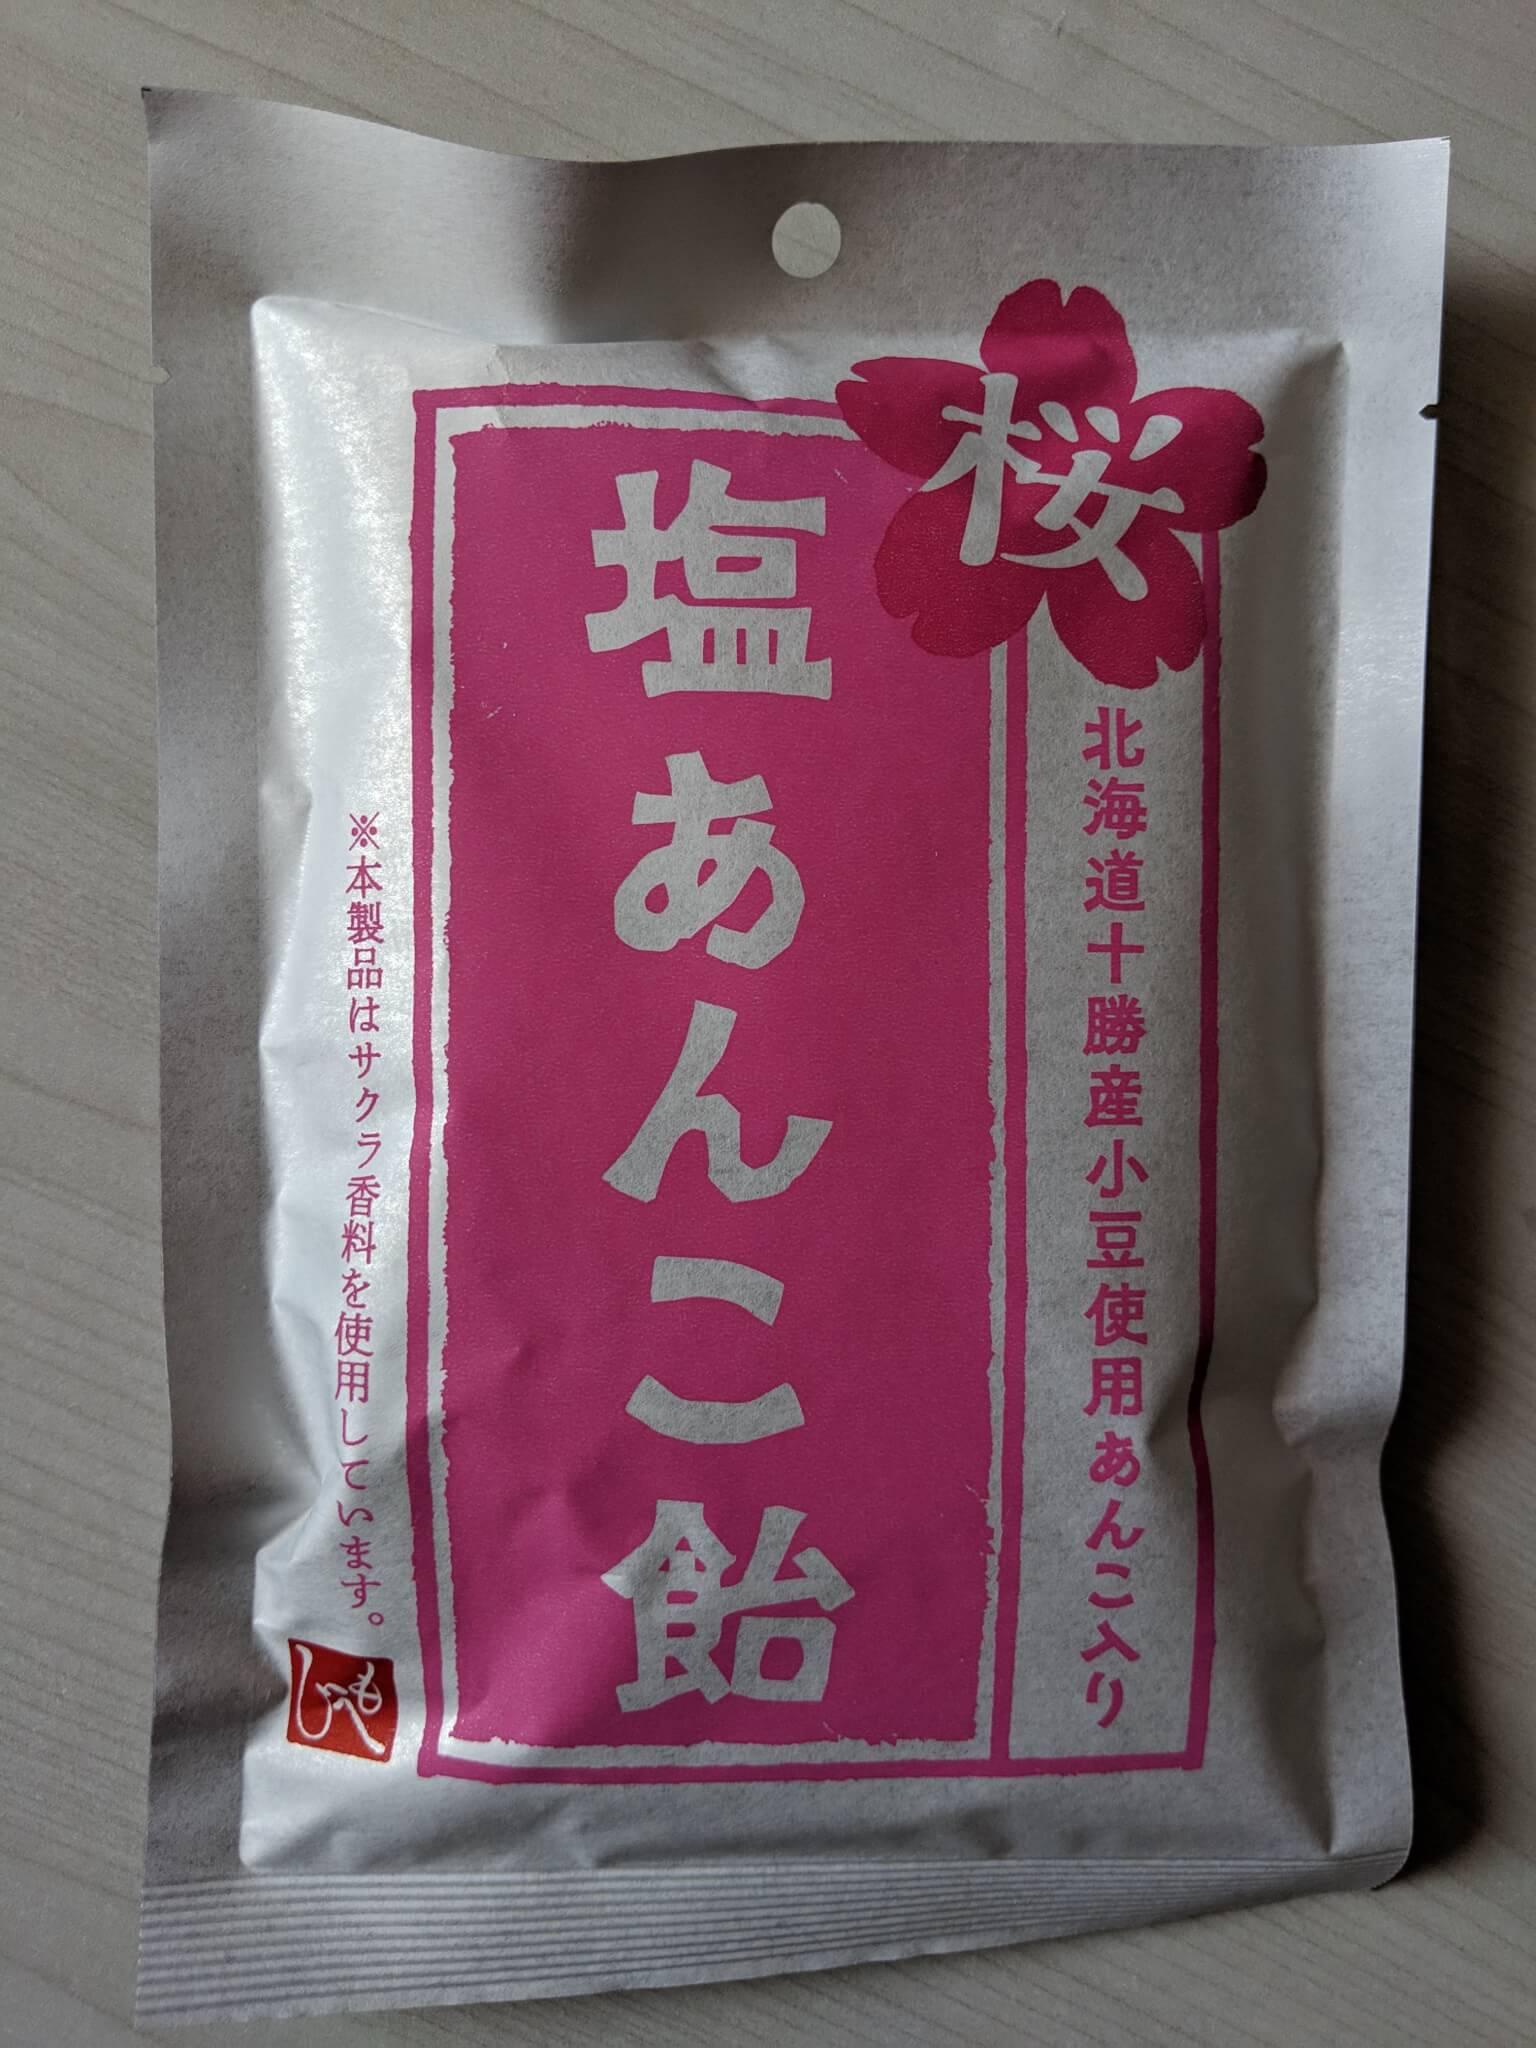 カルディのもへじ【桜塩あんこ飴】